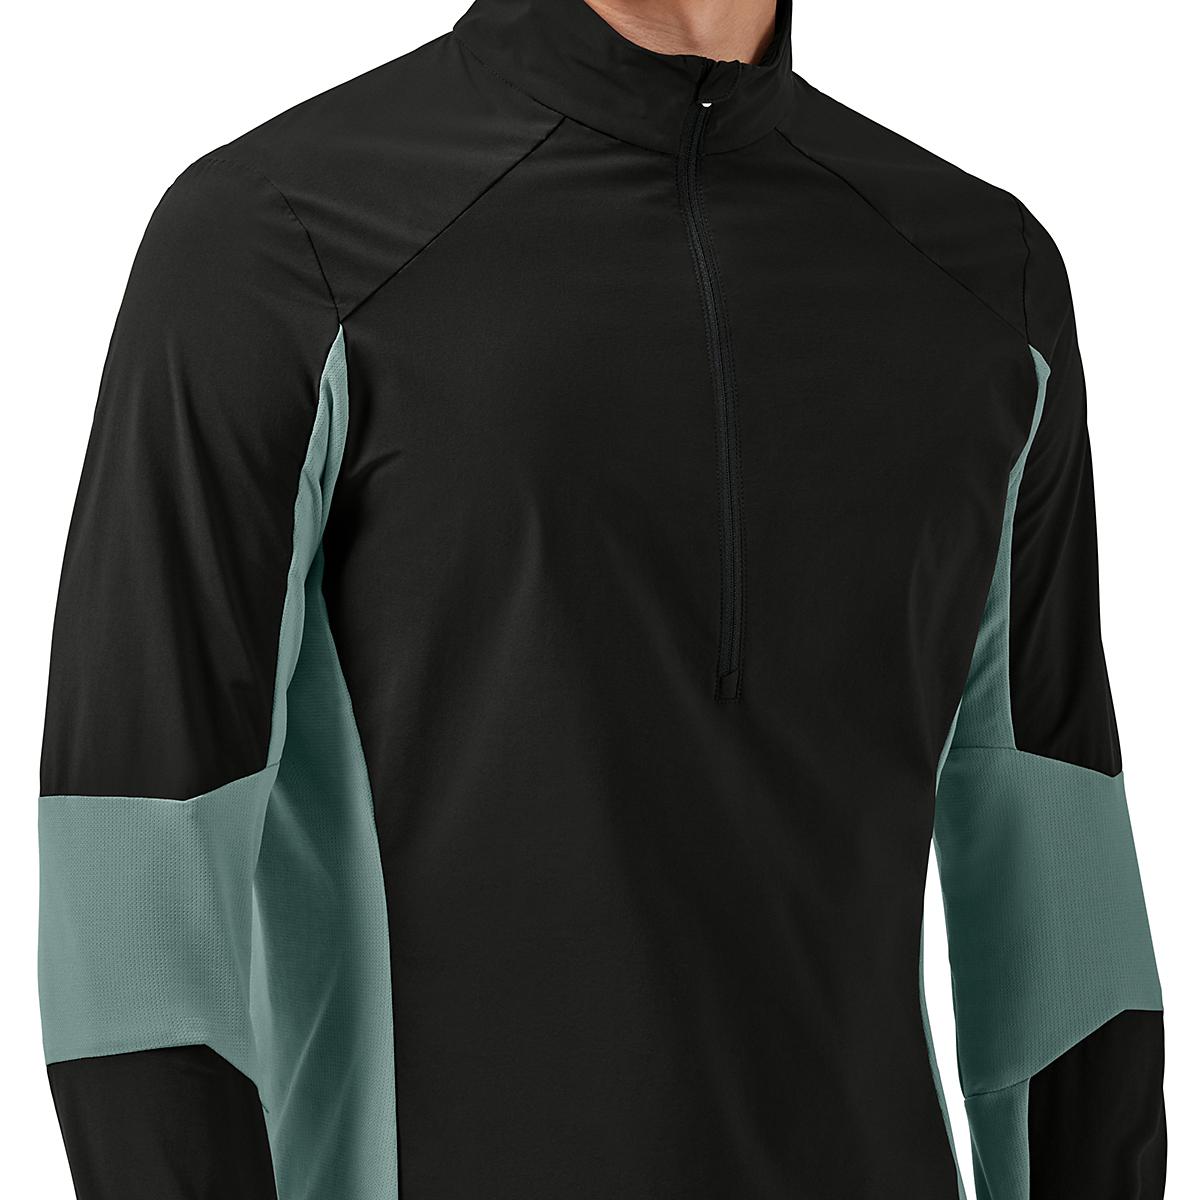 Men's On Trail Breaker Long Sleeve Quarter Zip Pullover - Color: Black/Olive - Size: XS, Black/Olive, large, image 3